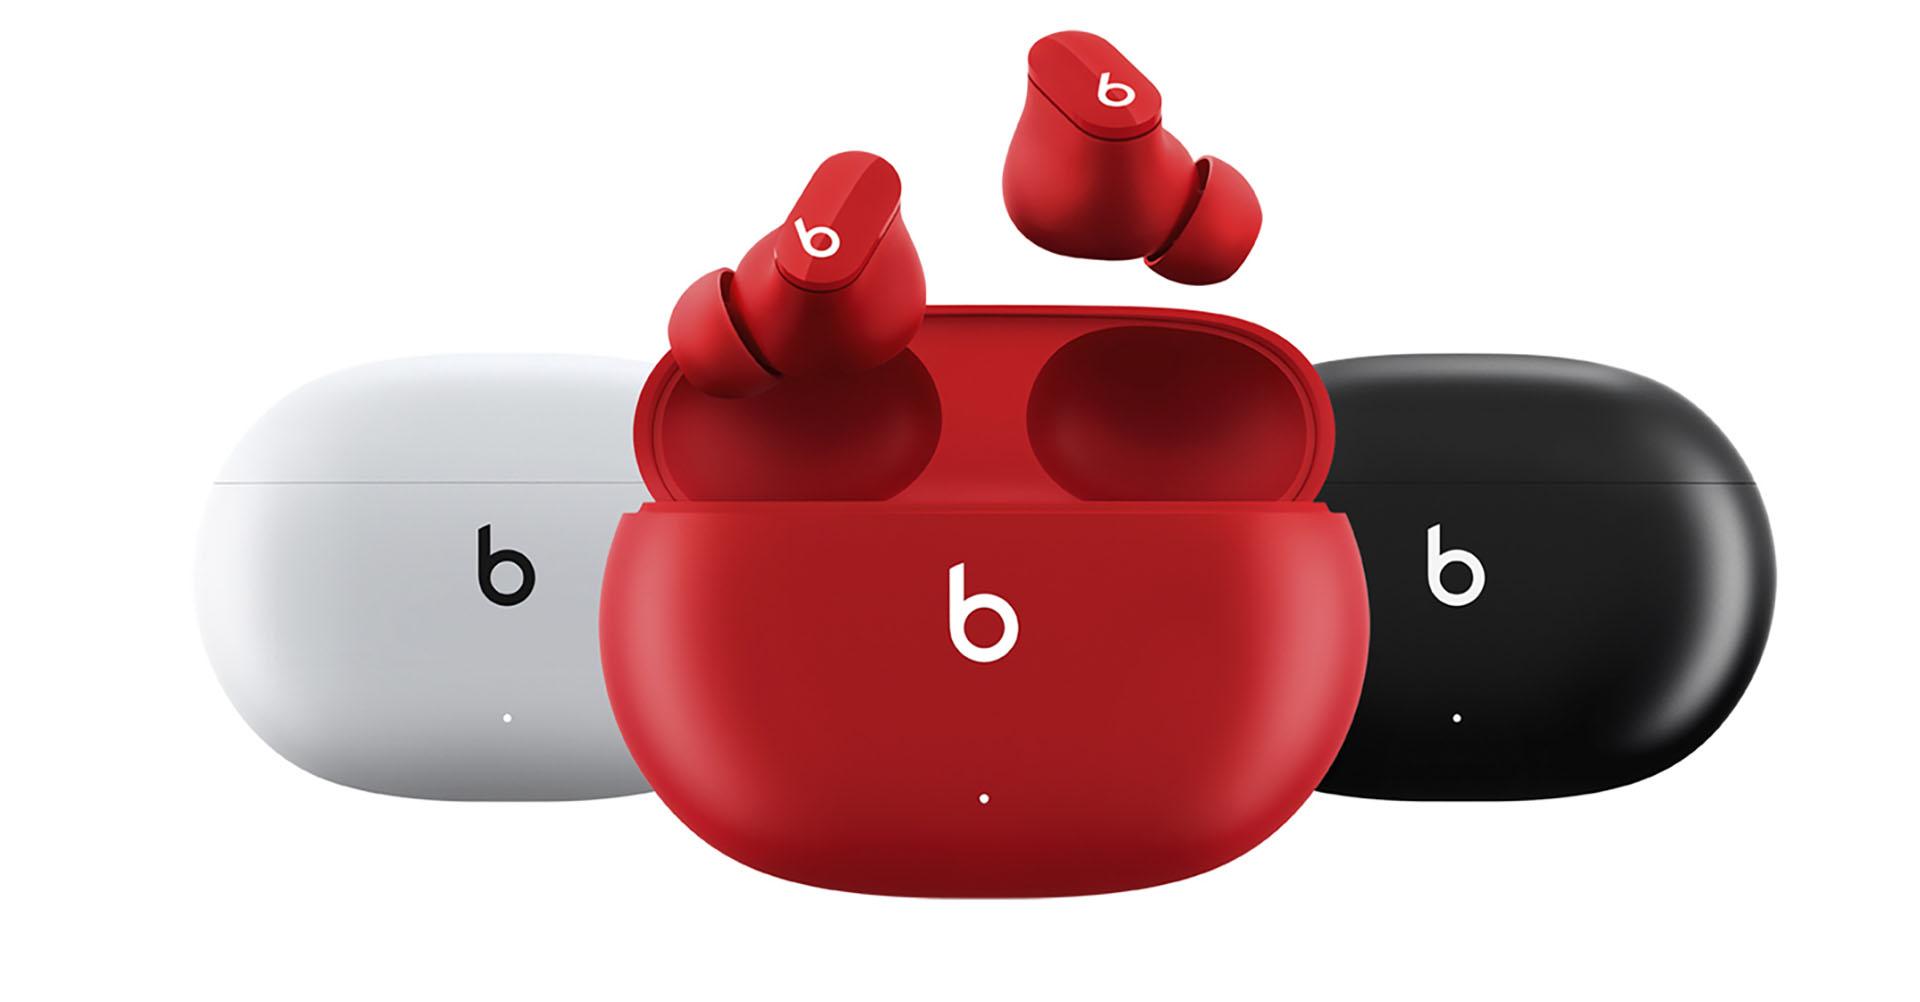 Die Beats Studio Buds in den Farben Weiß, Rot und Schwarz